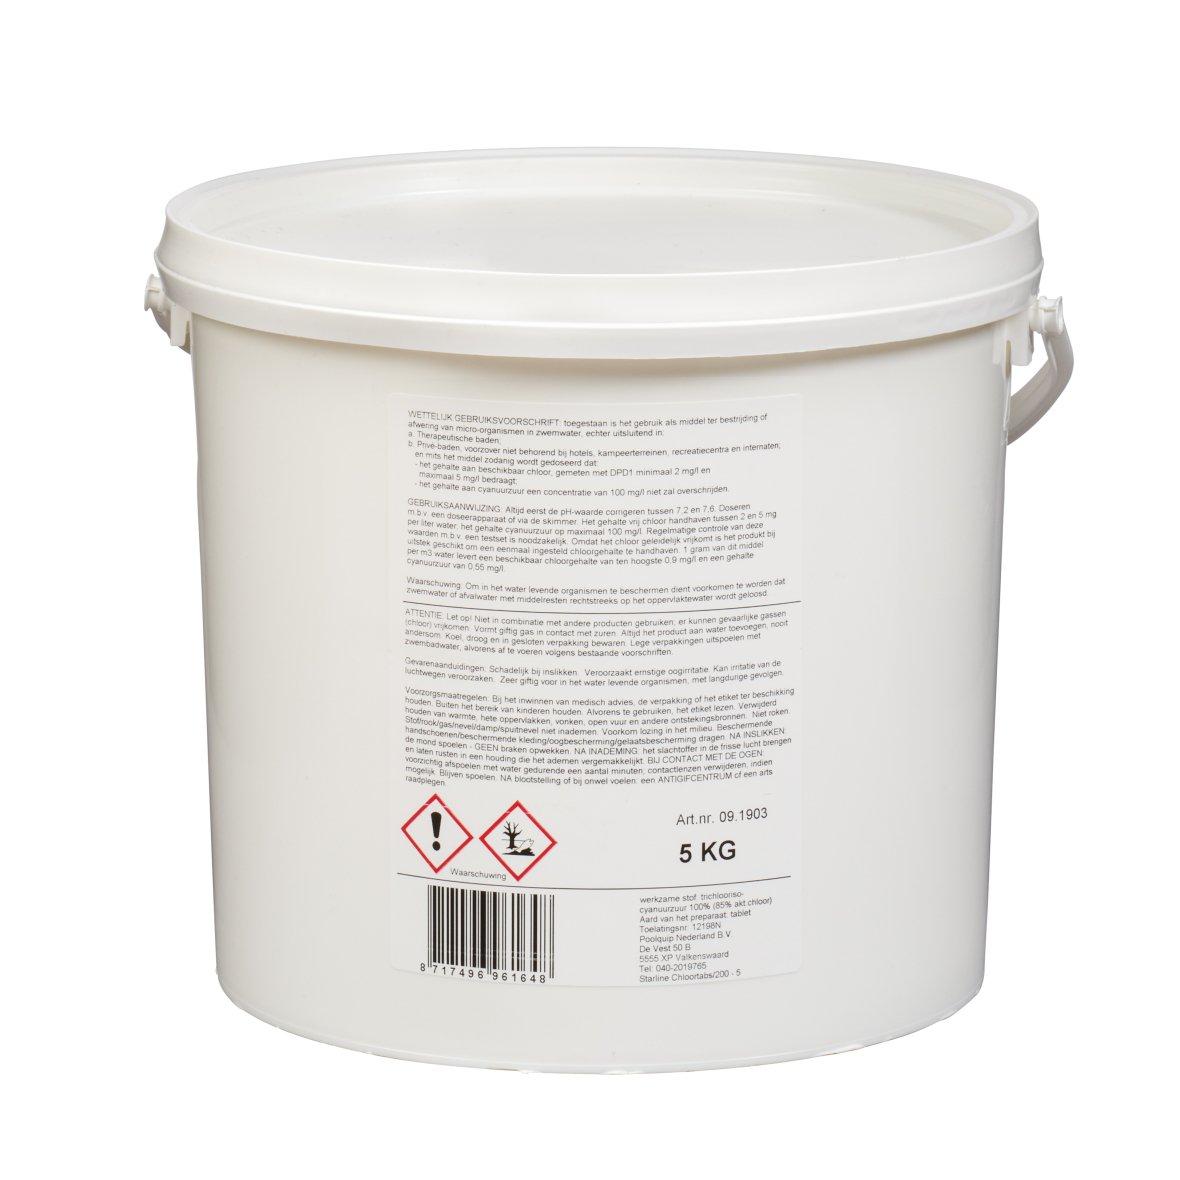 Starline Chloorgranulaat 55% - 5 kg